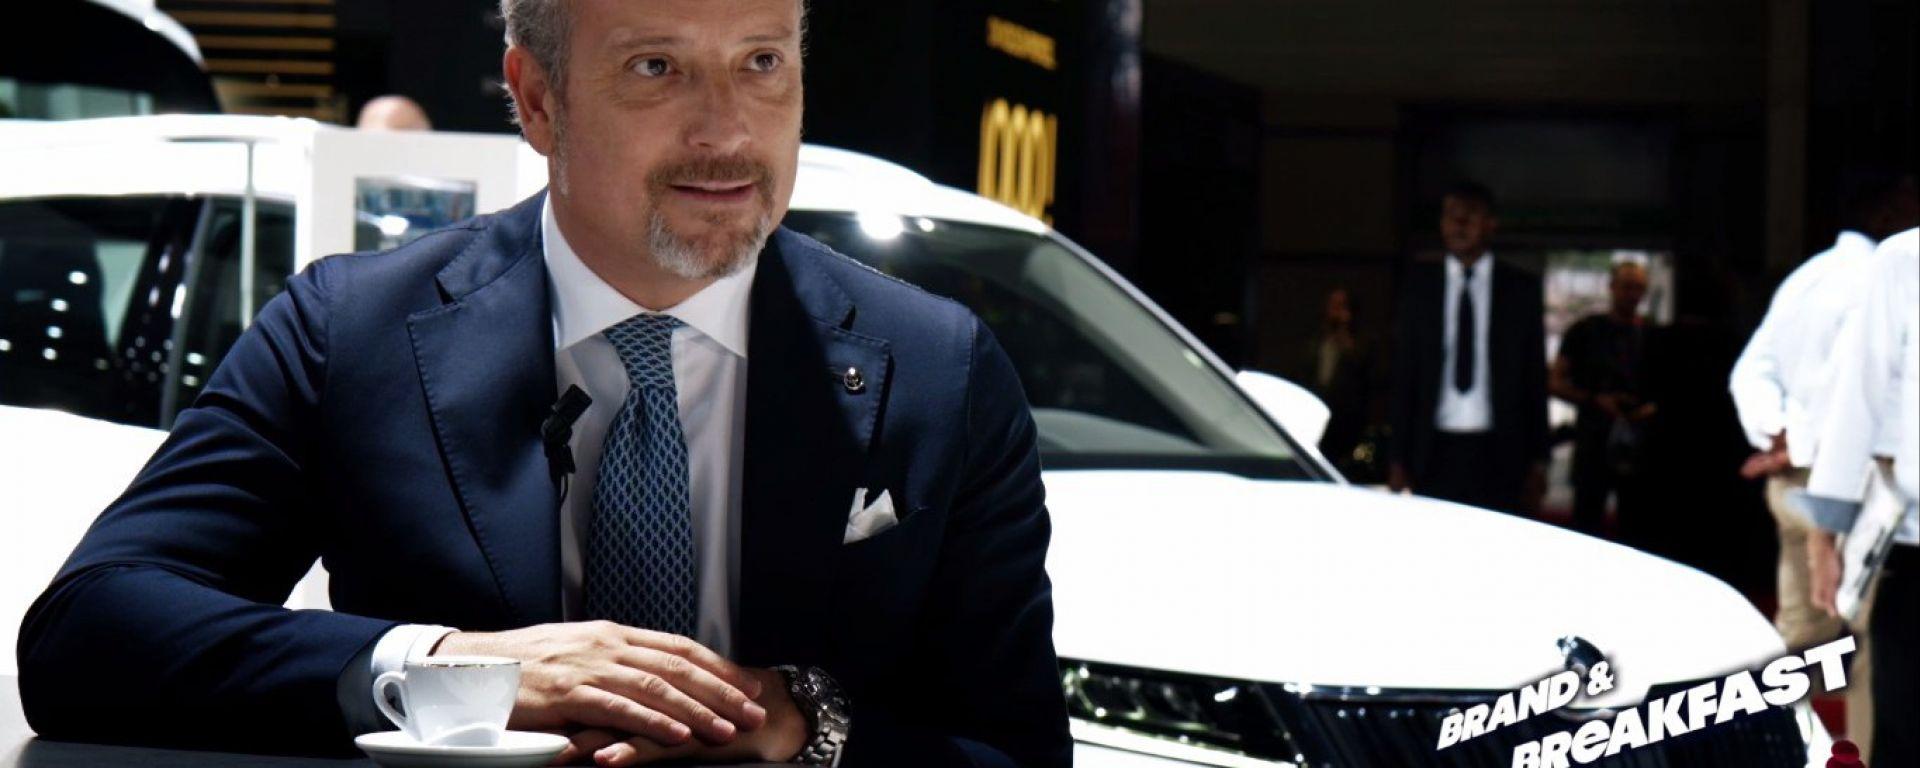 Francesco Cimmino, Direttore di Škoda Italia